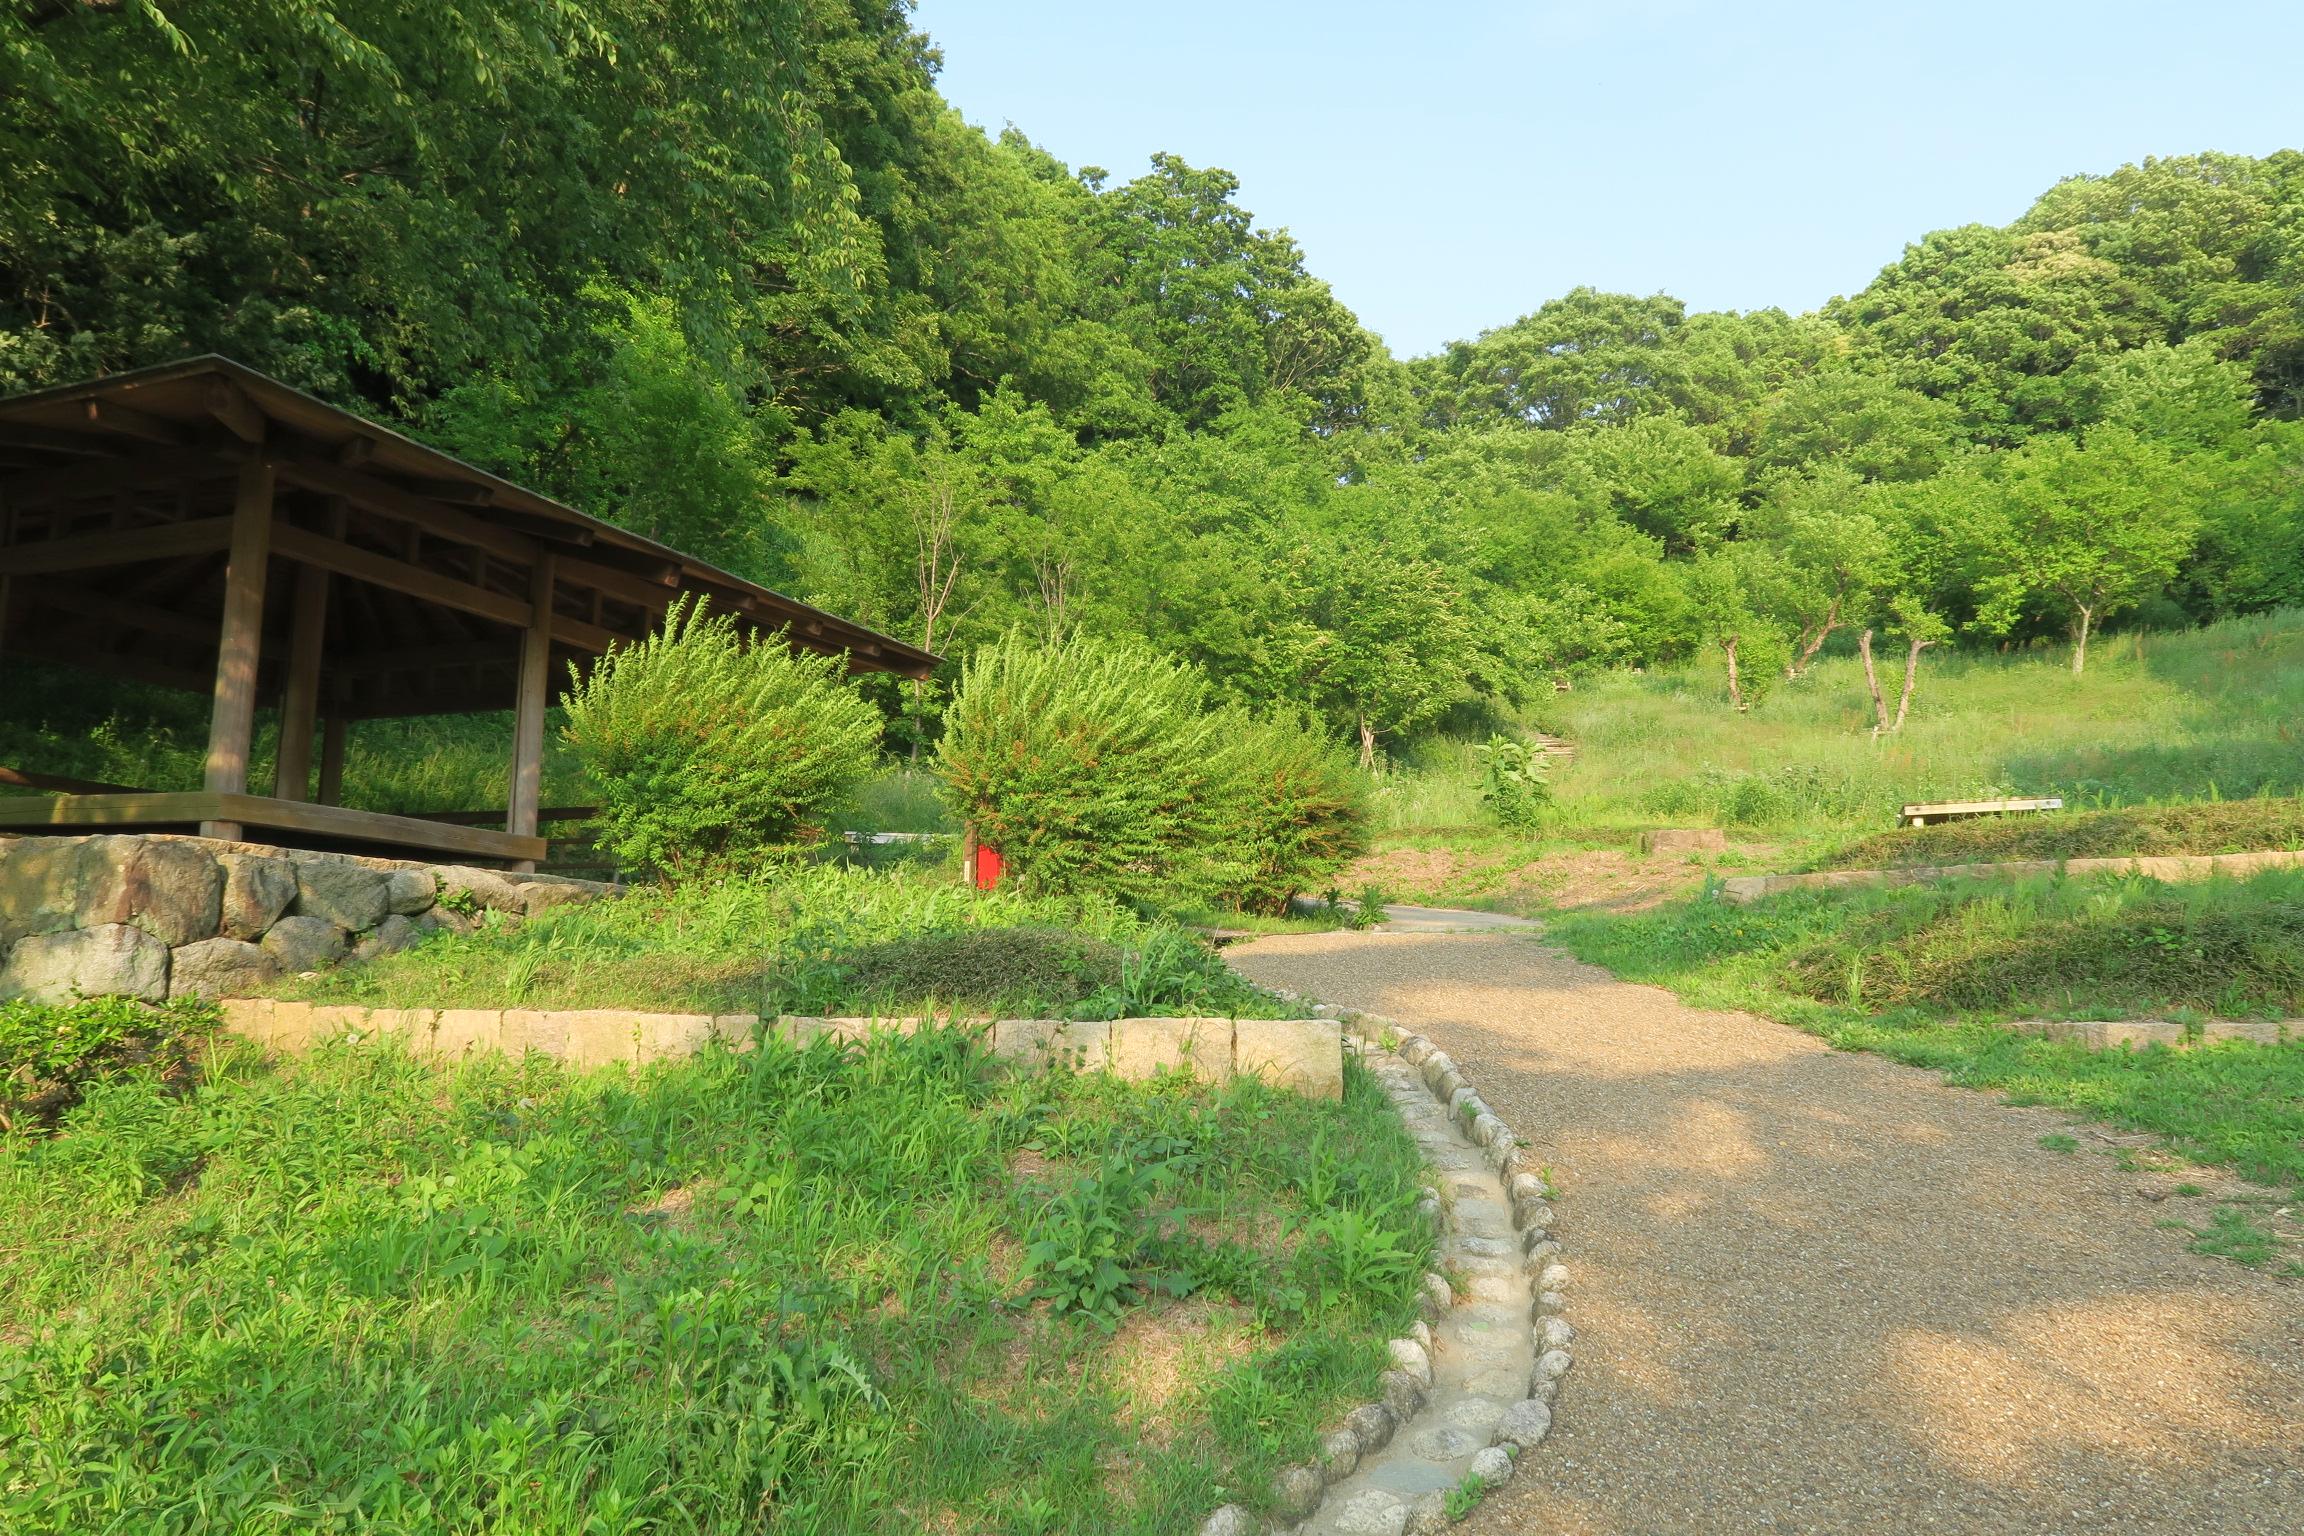 緑に囲まれた雰囲気のいい休憩所。のんびり読書でもしてみたいですね。